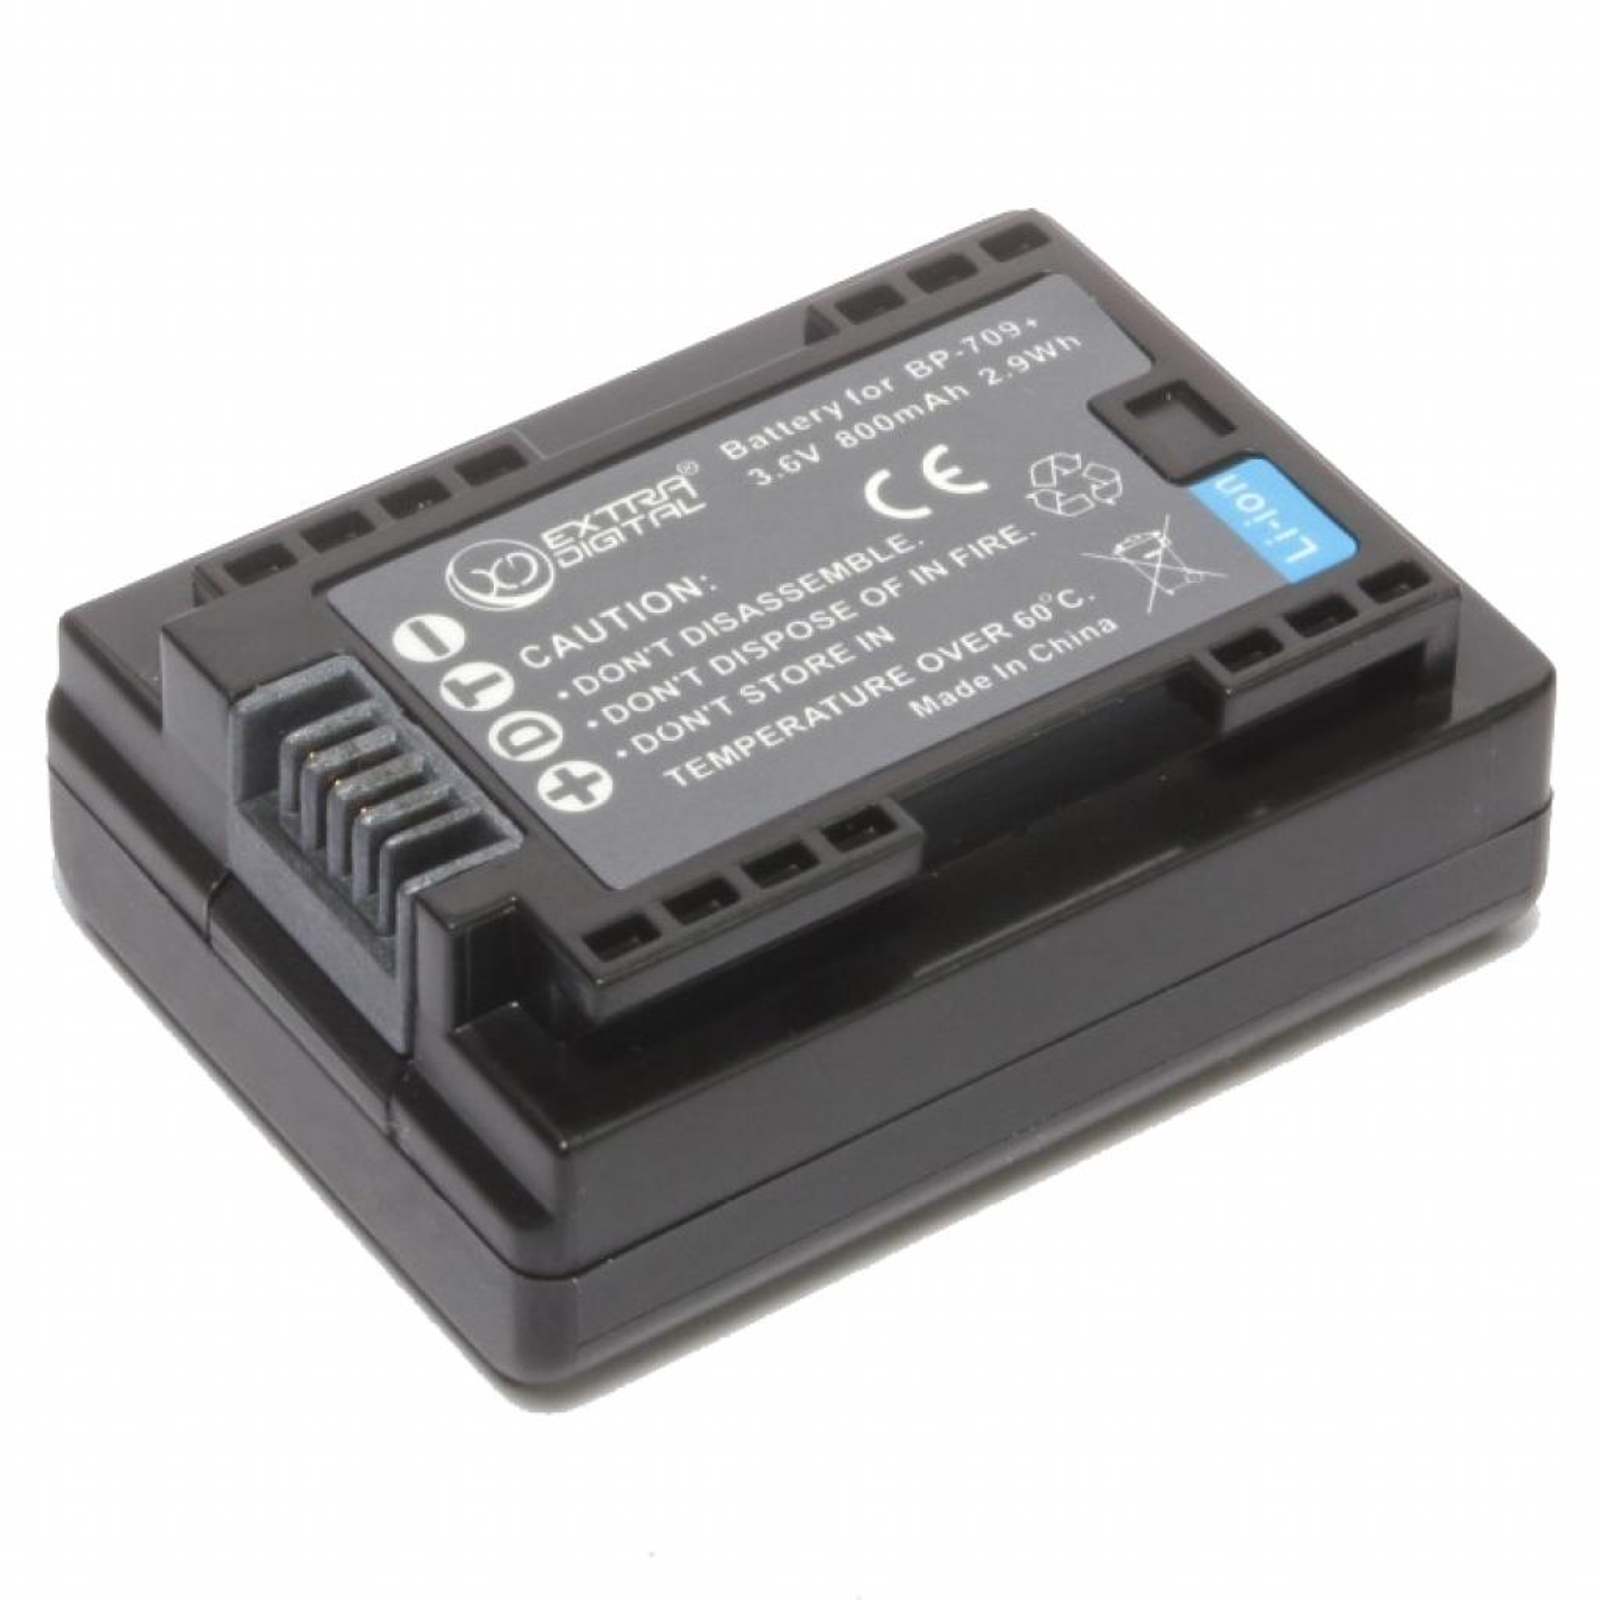 Аккумулятор к фото/видео EXTRADIGITAL Canon BP-709 (chip) (BDC1300) изображение 4